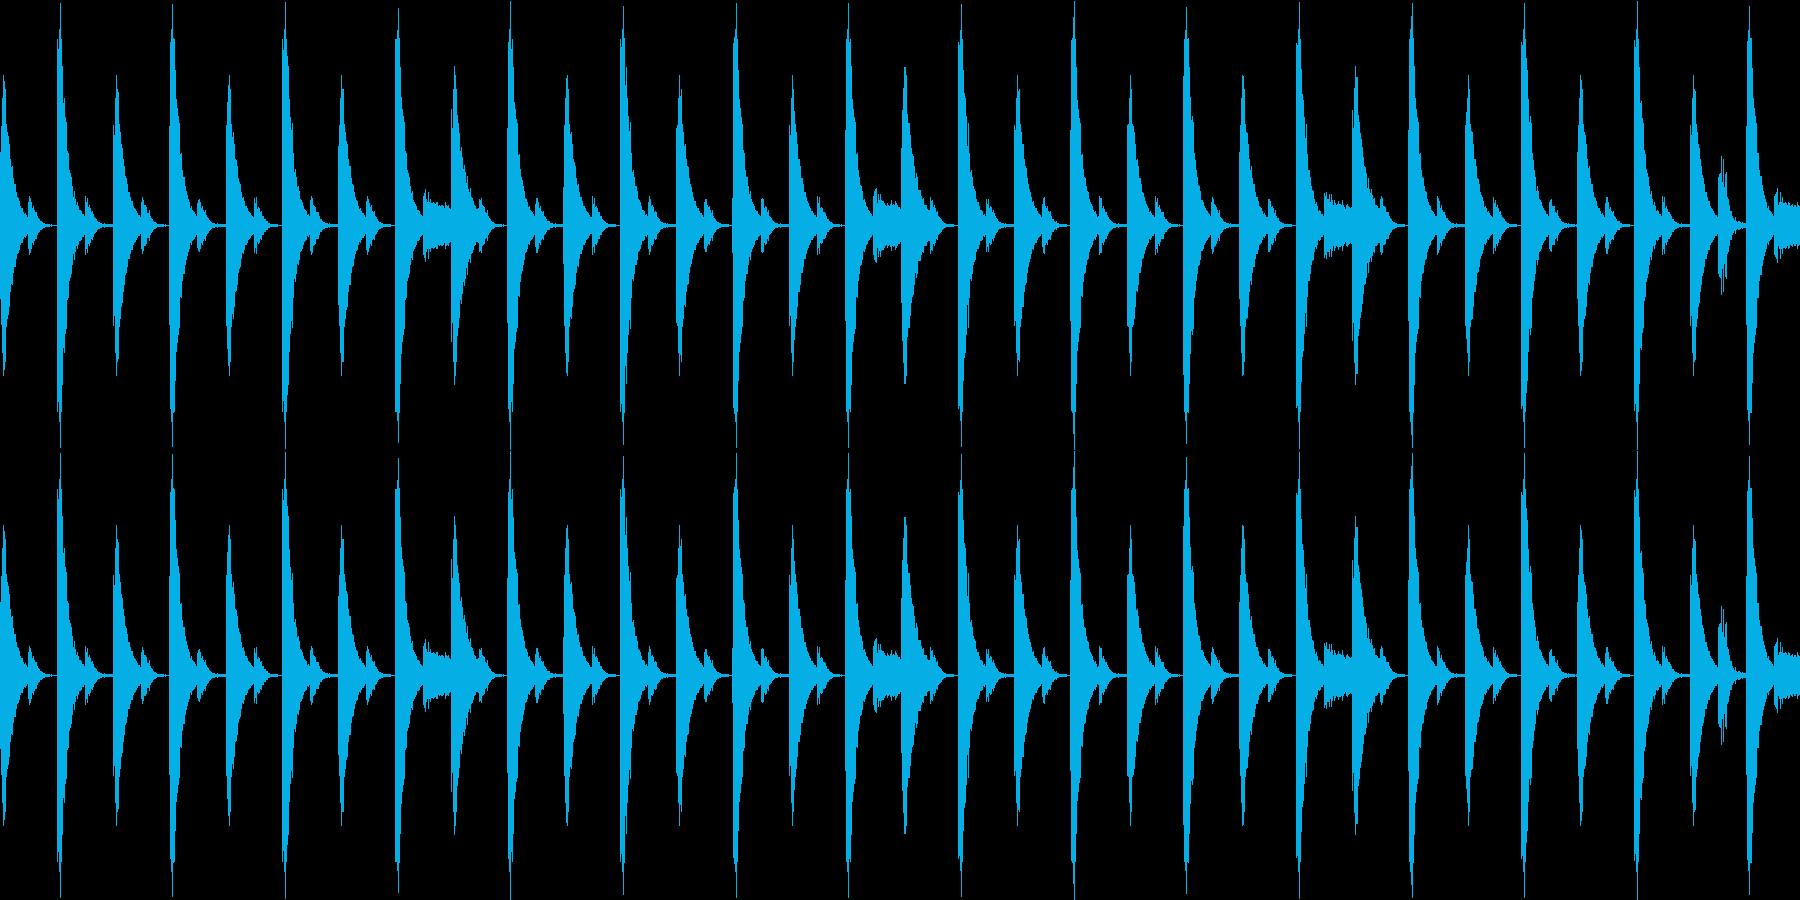 808音源を使用したシンプルなリズム02の再生済みの波形